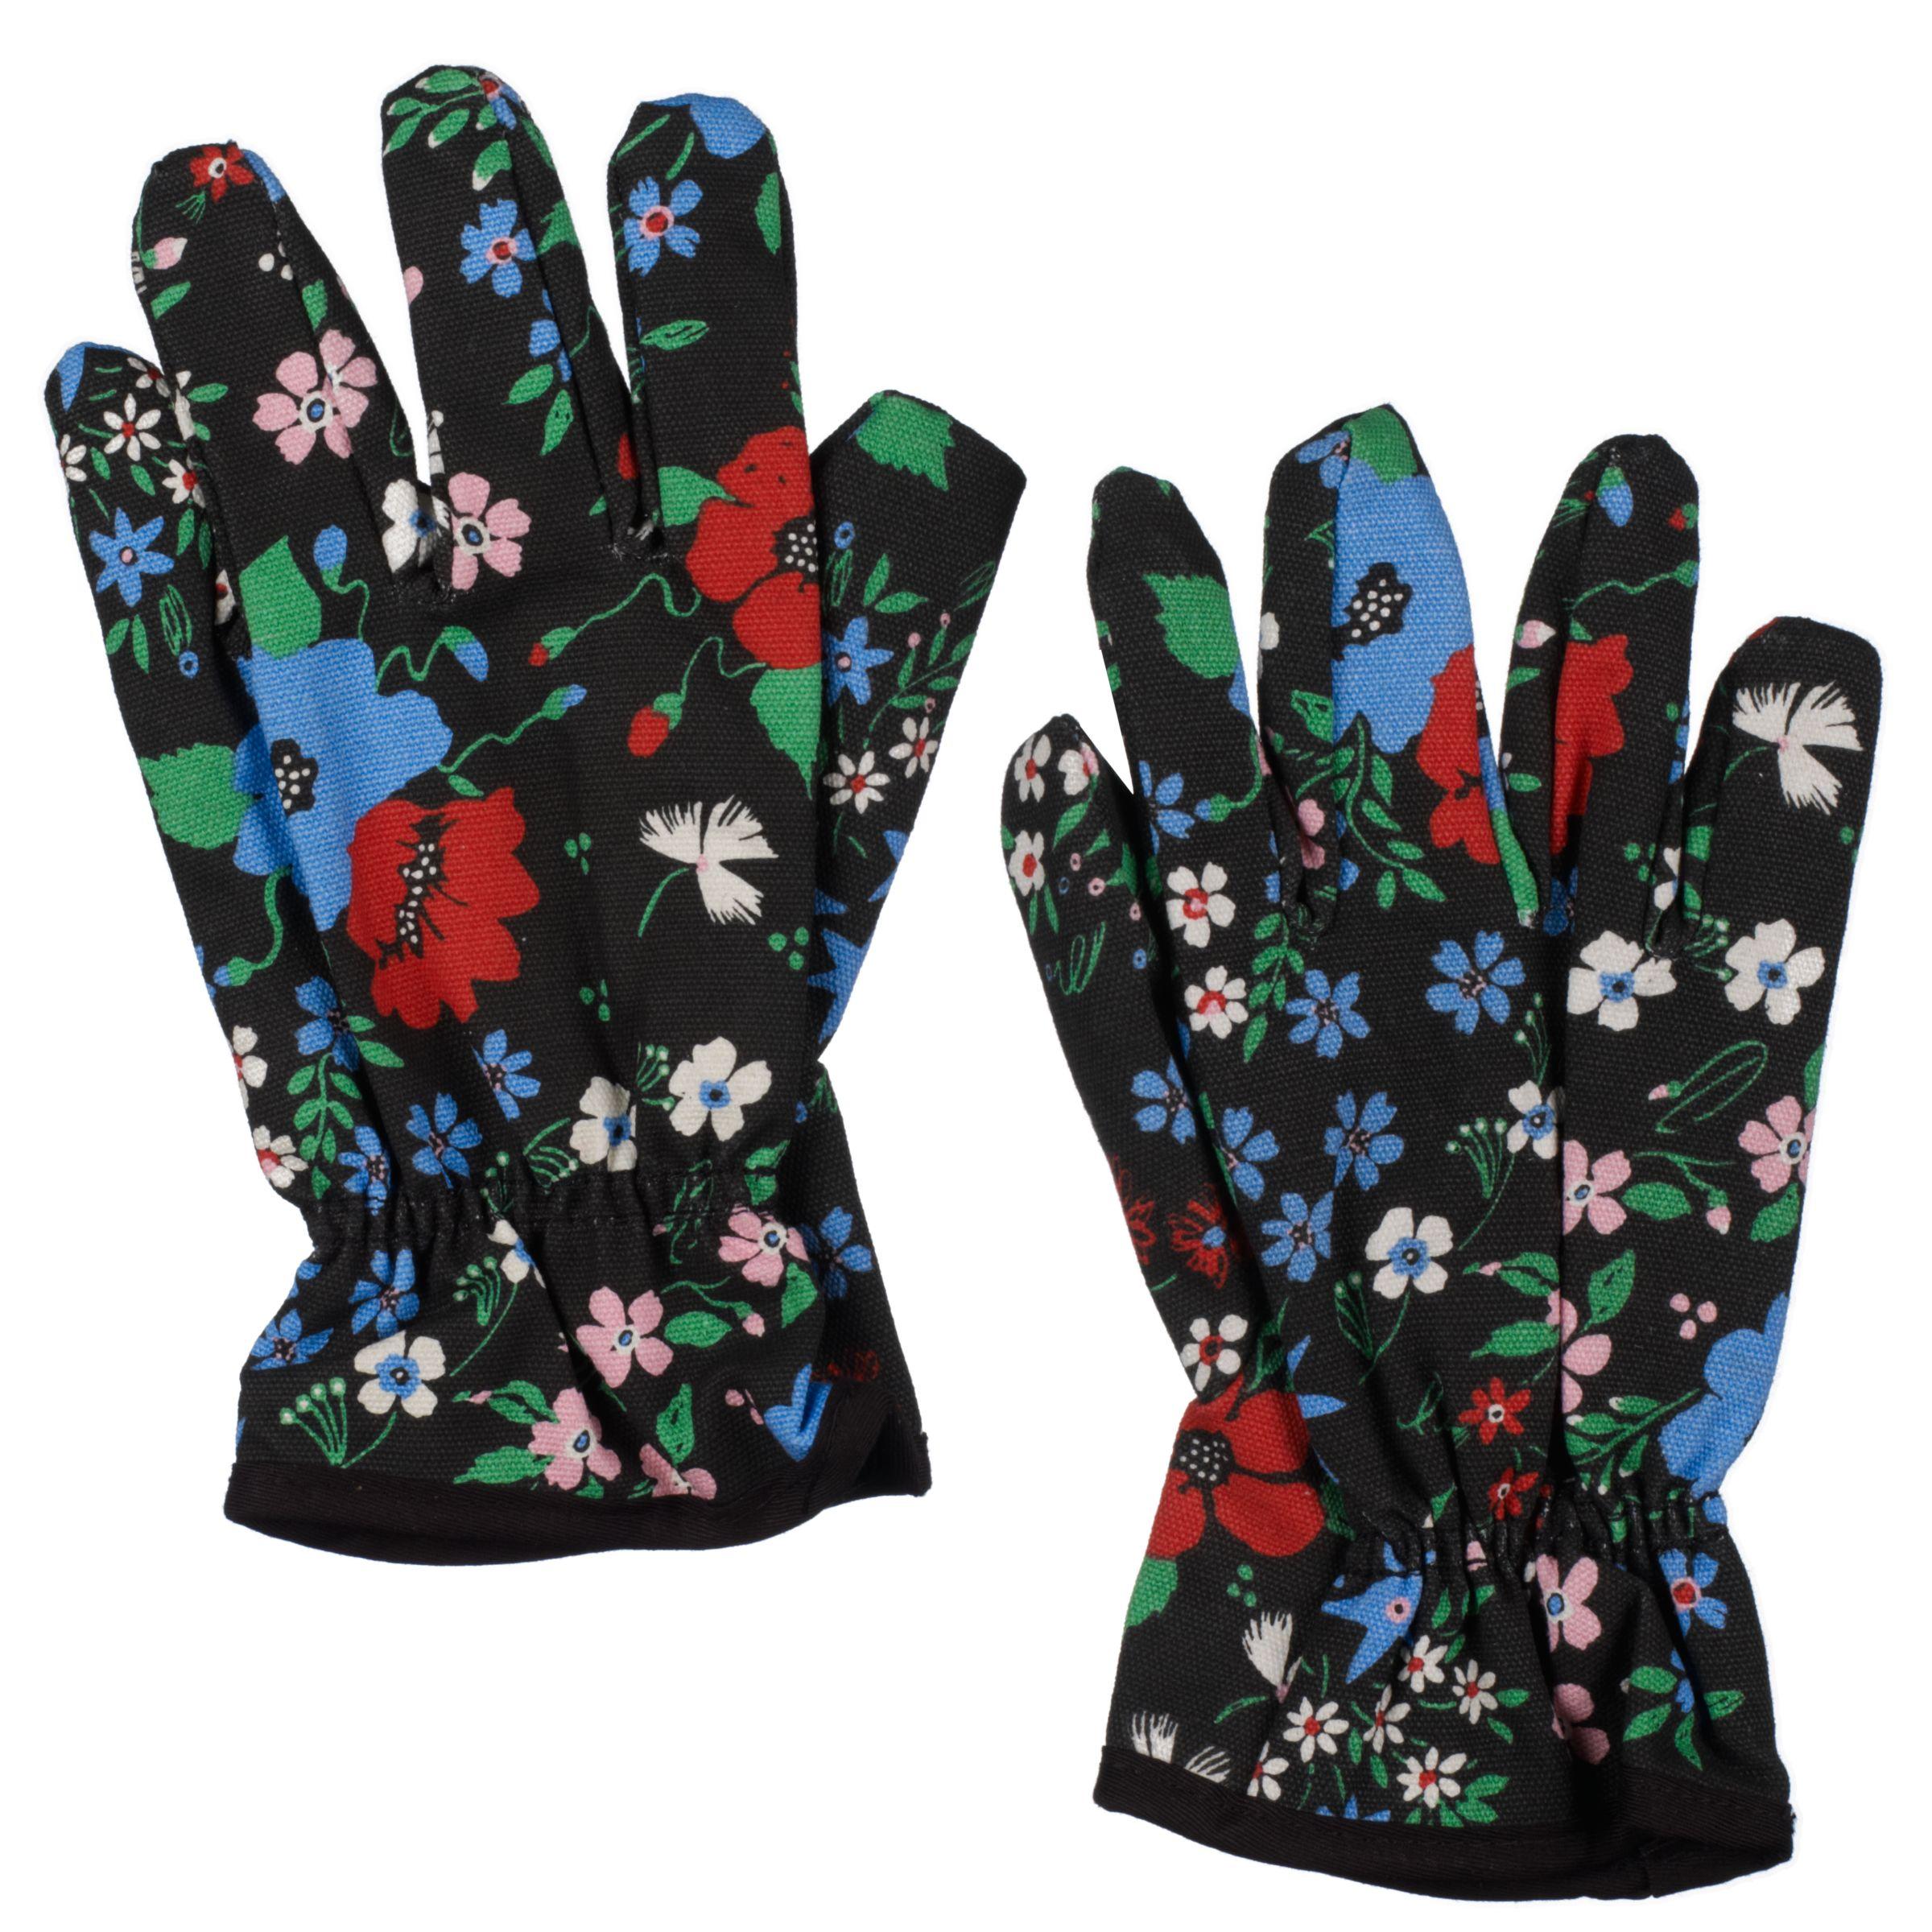 Celia Birtwell Gardening Gloves